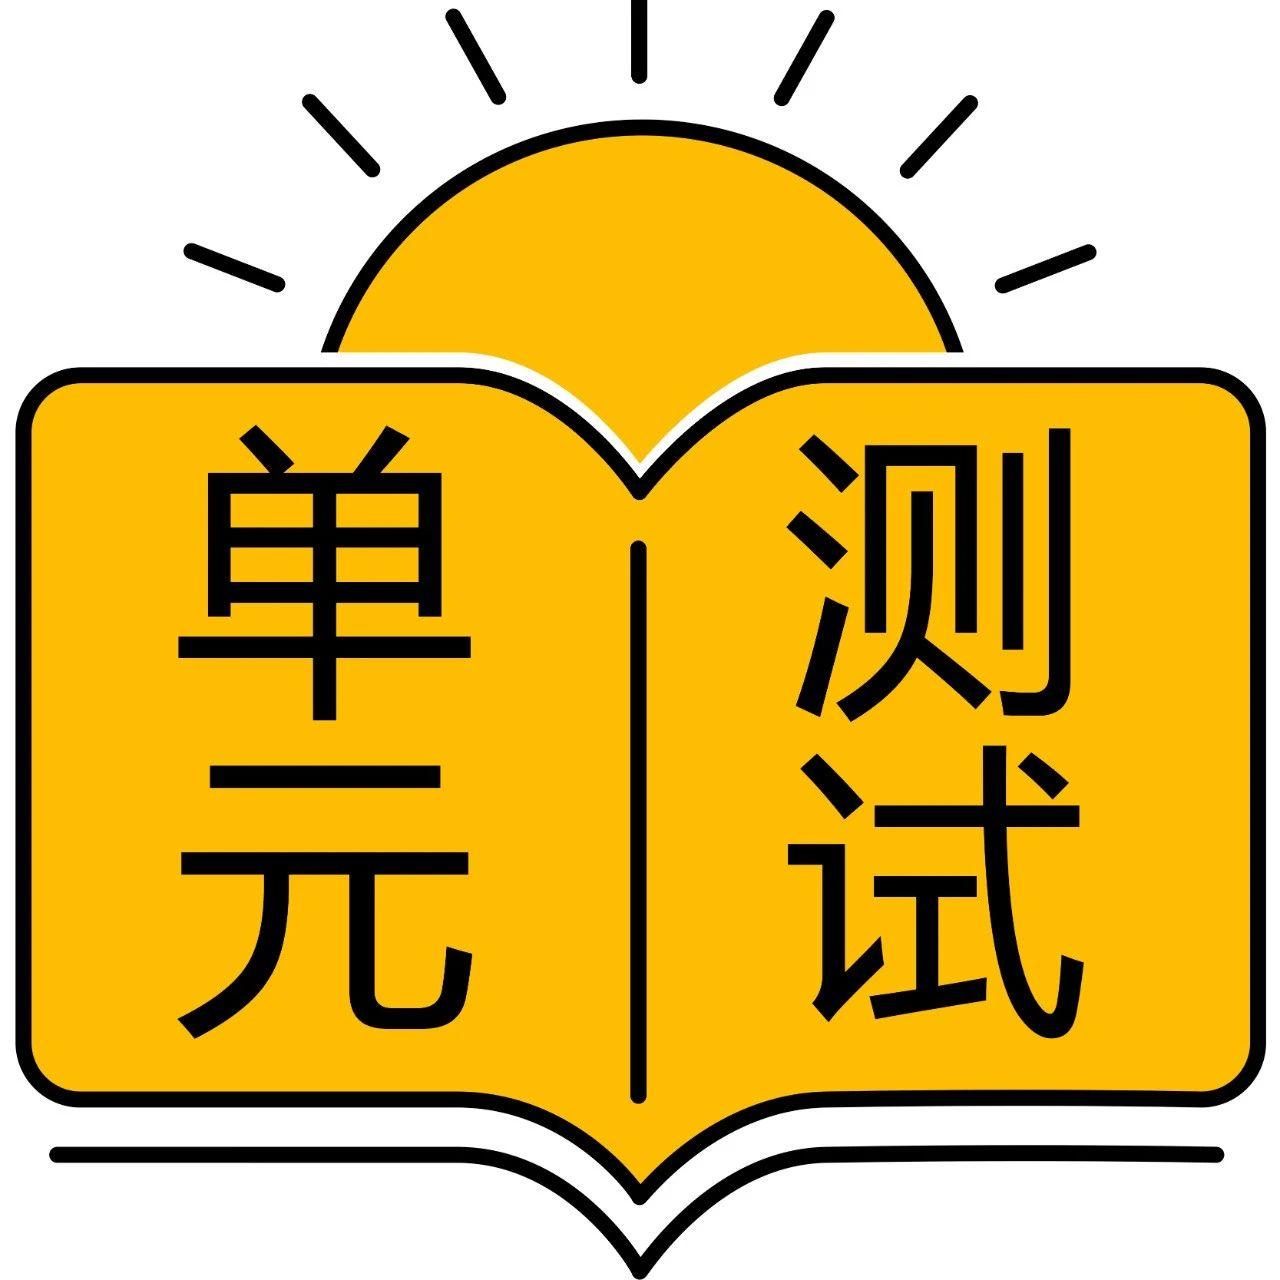 人教小学数学 1-6年级下册全册单元检测汇总(含答案,可下载打印)